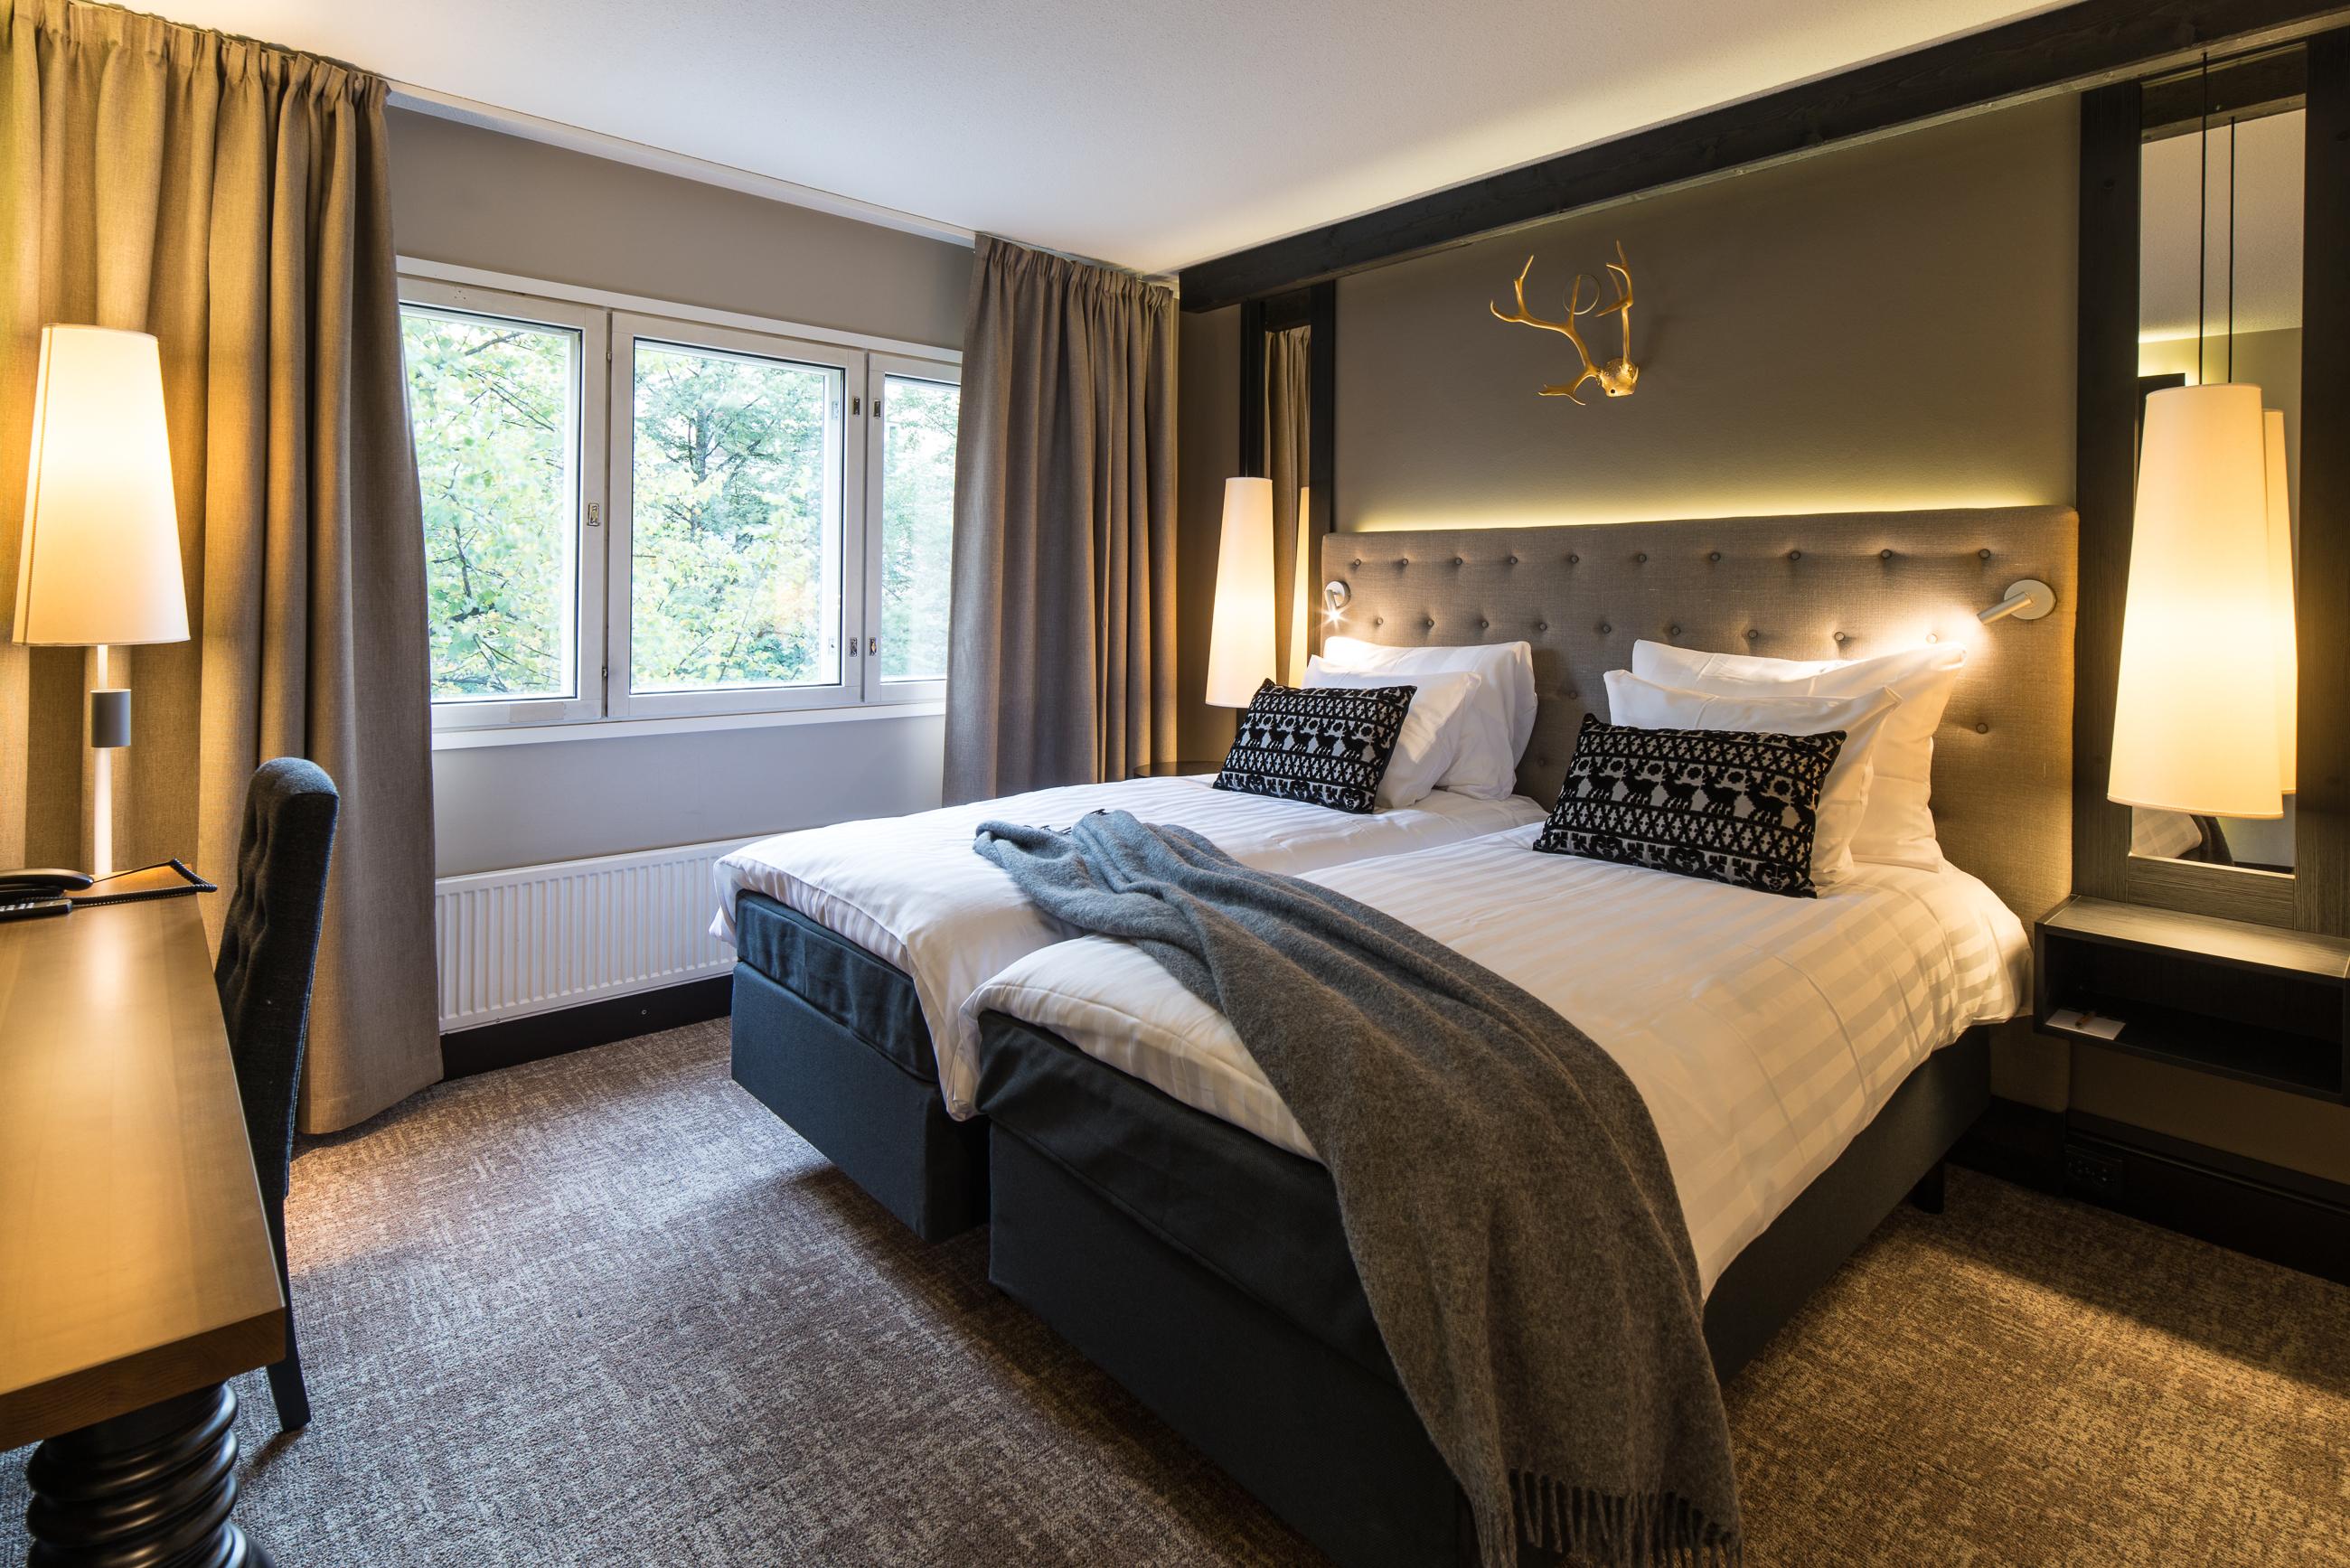 Majoitusvaihtoehdot Tampere - Lapland Hotels